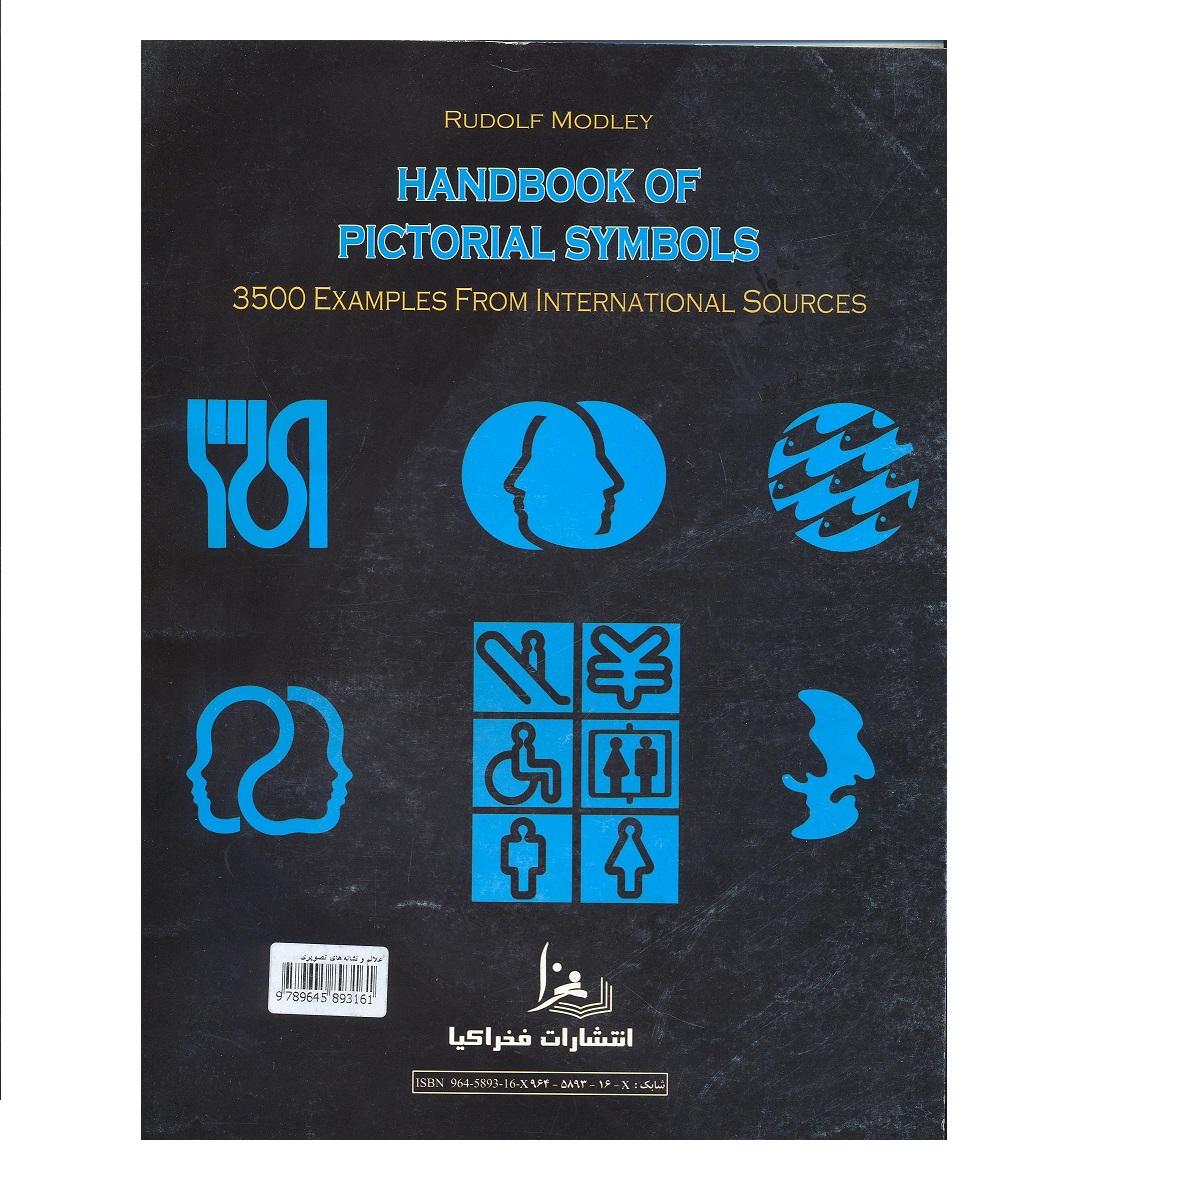 کتاب علائم و نشانه های تصویری مشتمل بر 3500 علائم بین المللی اثر رادولف مودلی انتشارات فخراکیا